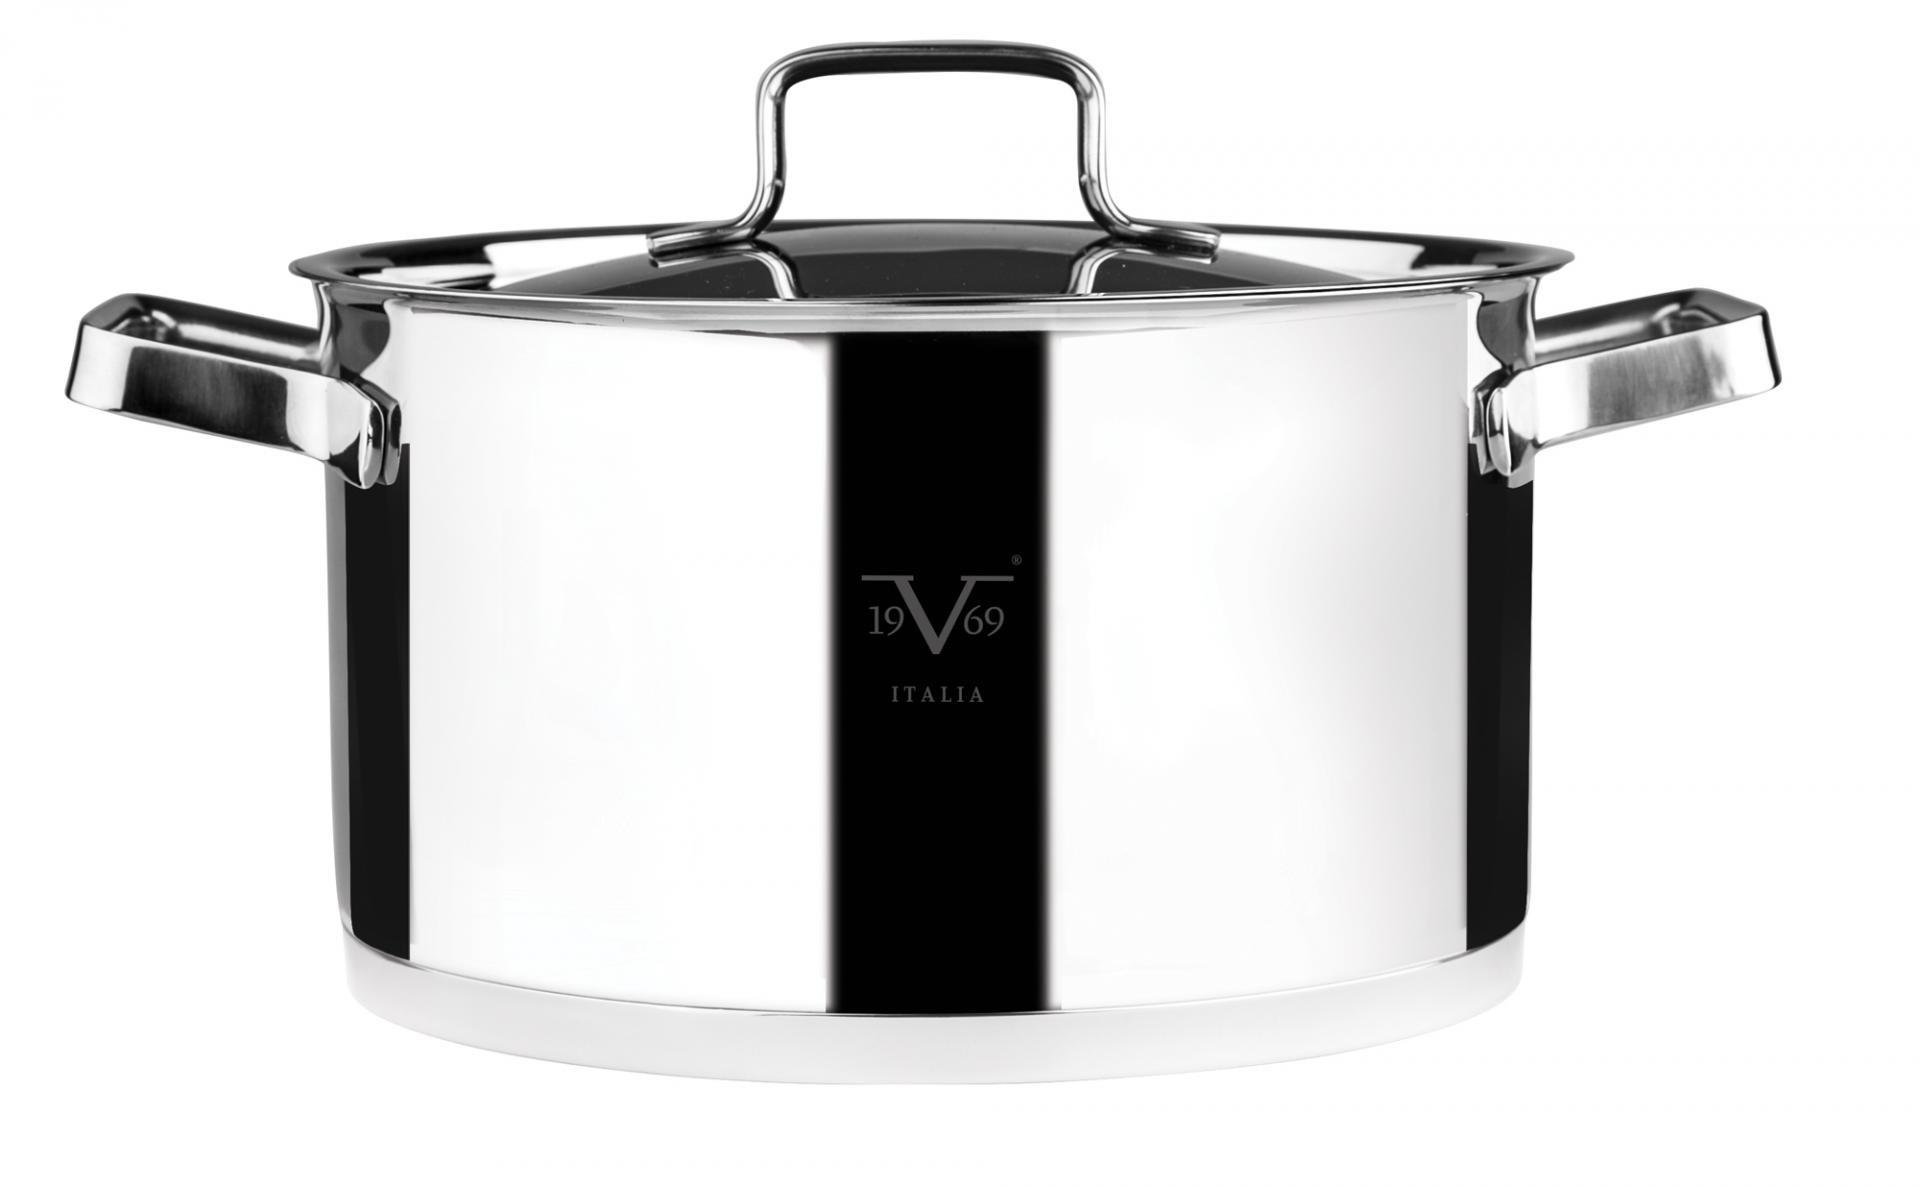 Χύτρα Opera 28cm Versace 19V69 Italia home   σκευη μαγειρικης   κατσαρόλες χύτρες